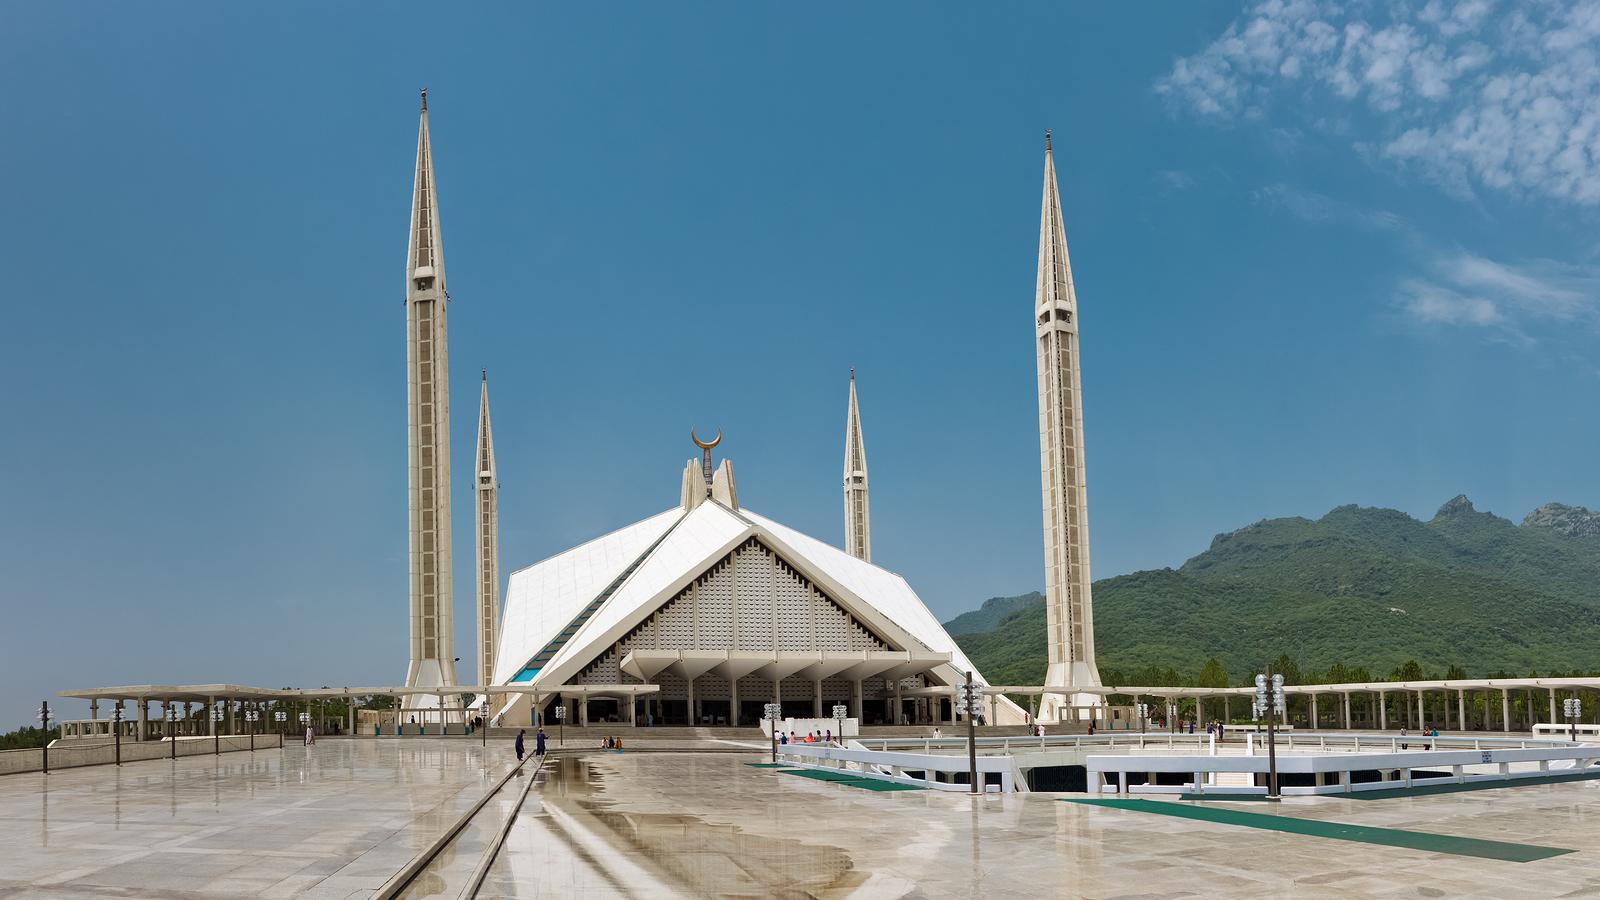 Faisal Mosque Islamabad Pakistan Frontera